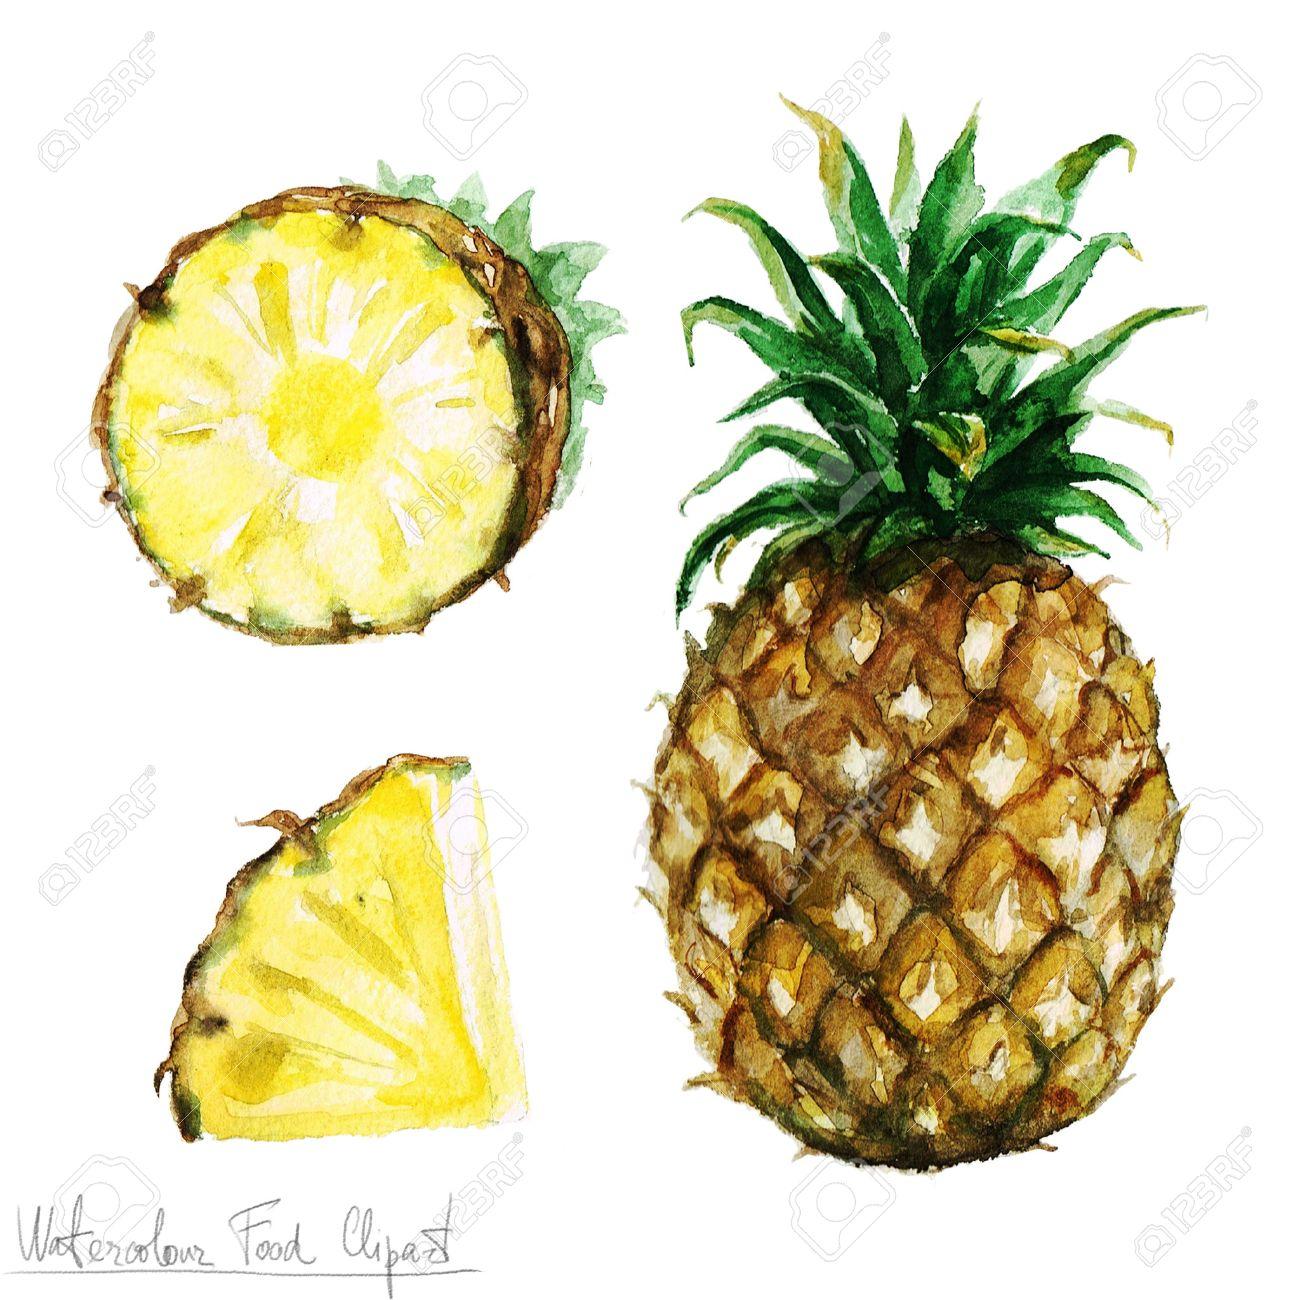 水彩食べ物クリップアート パイナップル の写真素材画像素材 Image